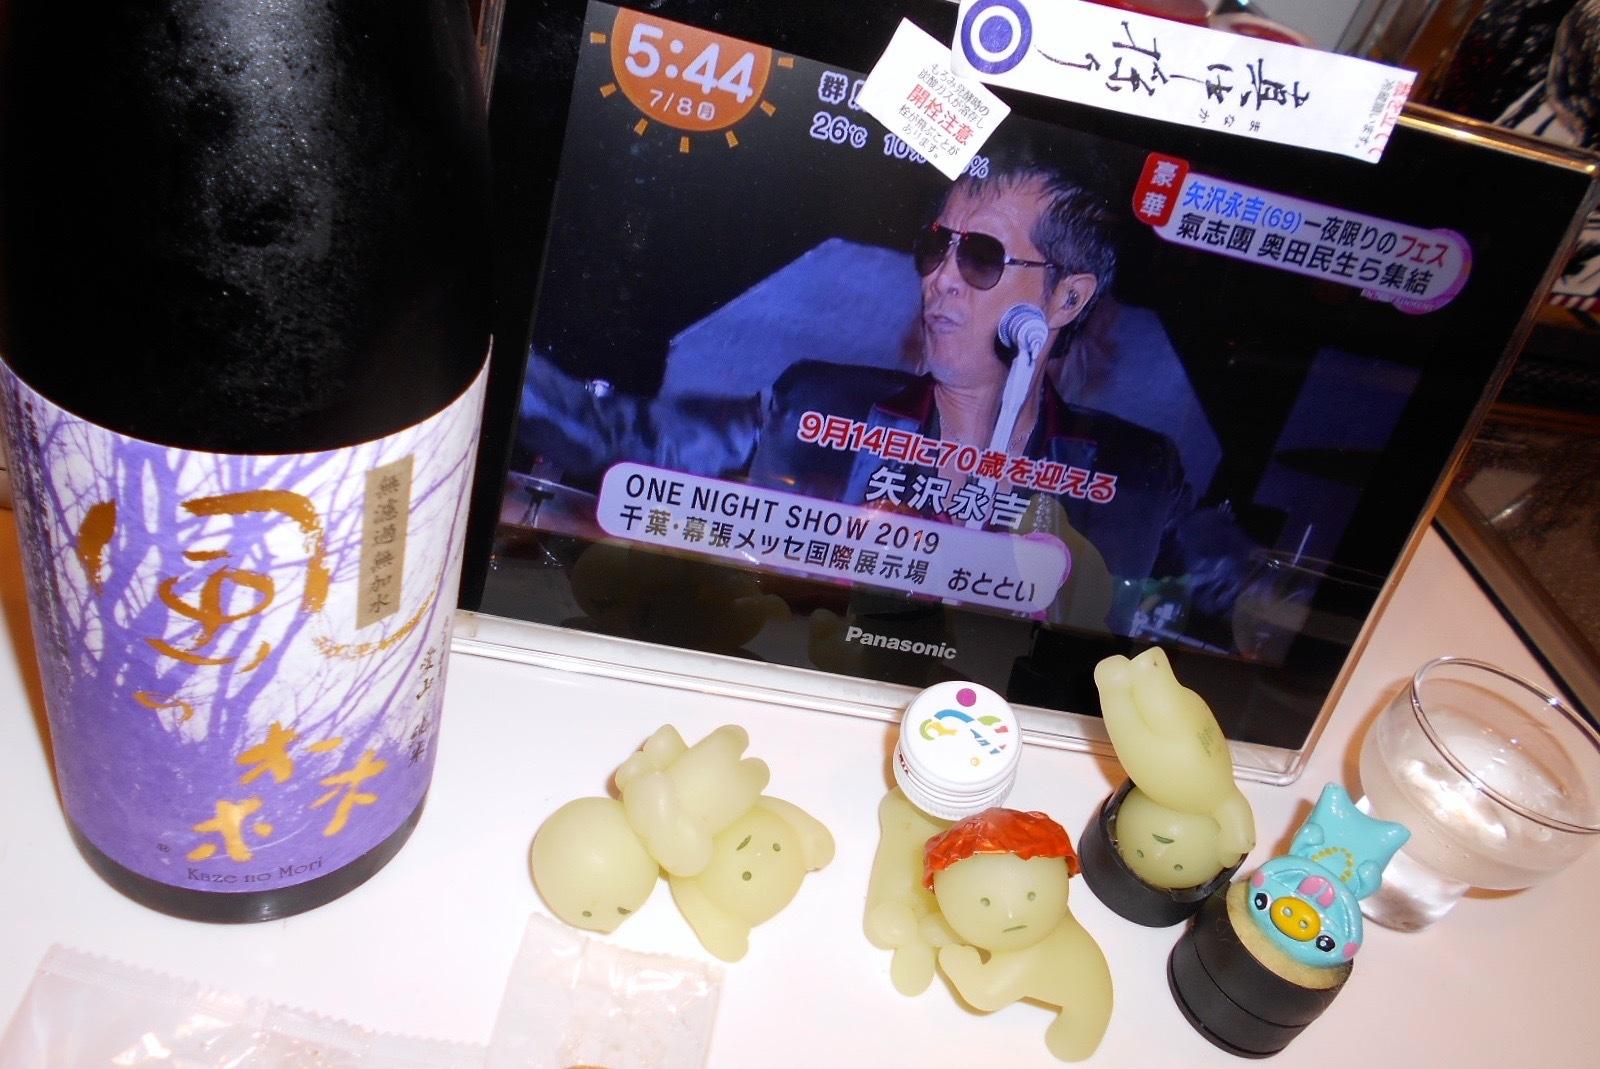 kazenomori_aiyama80manaka30b5.jpg